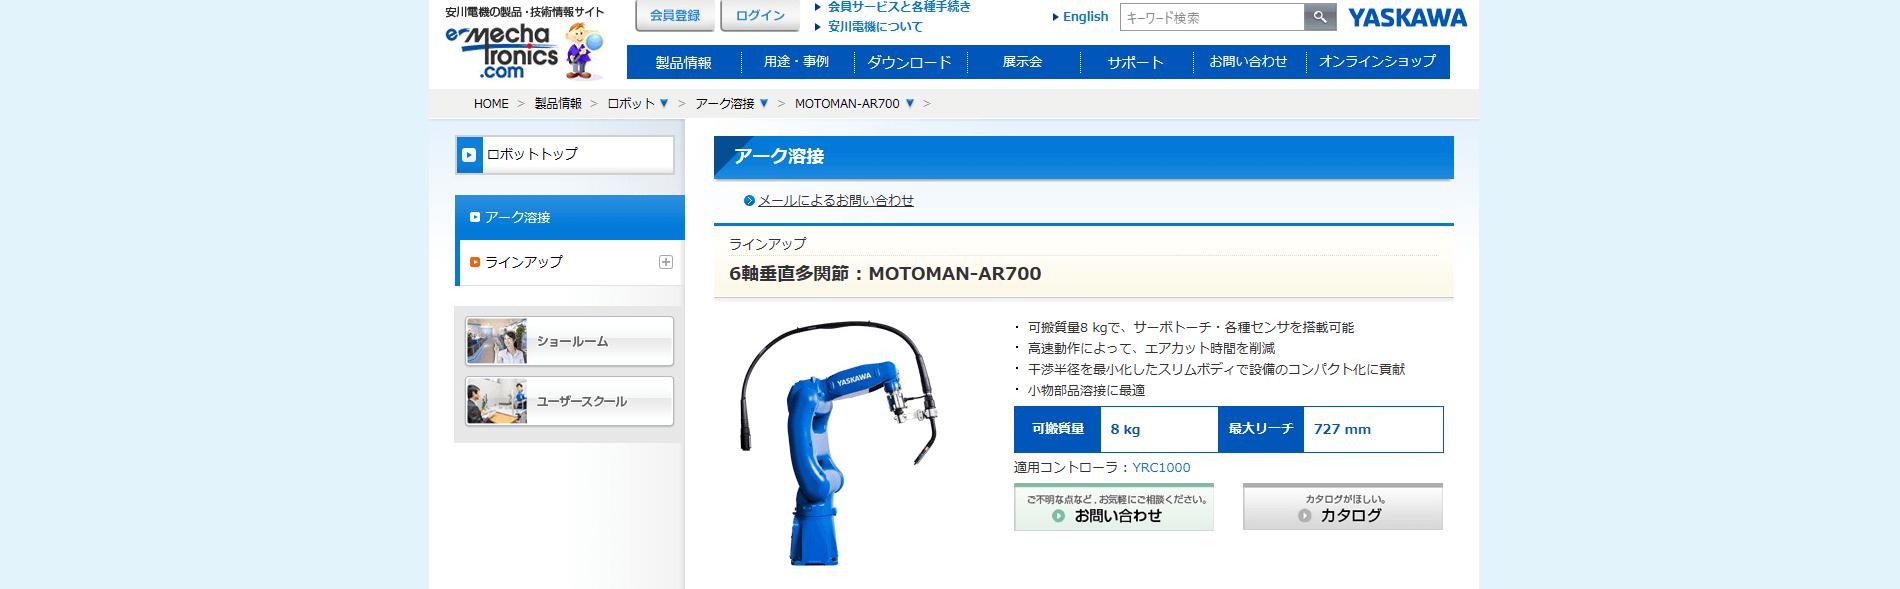 MOTOMAN-AR700